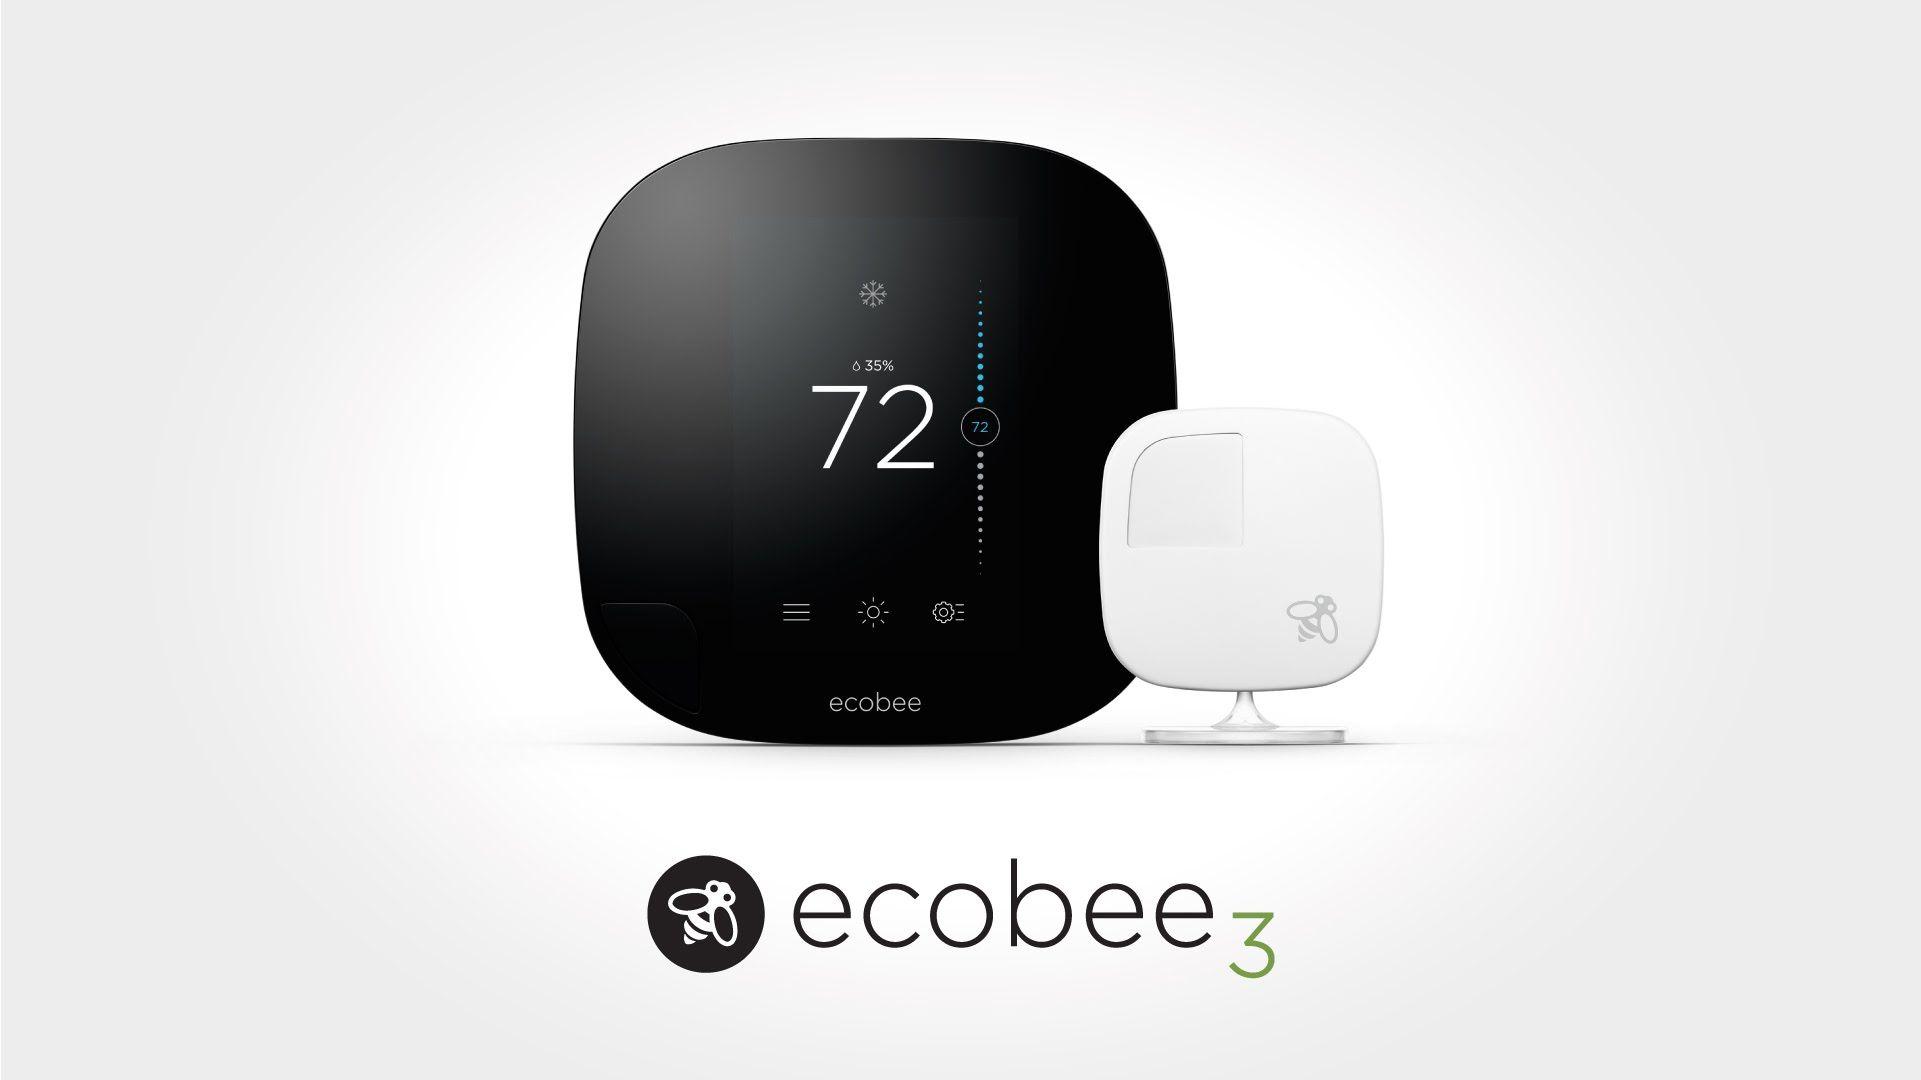 Ecobee 3 Smart Thermostat